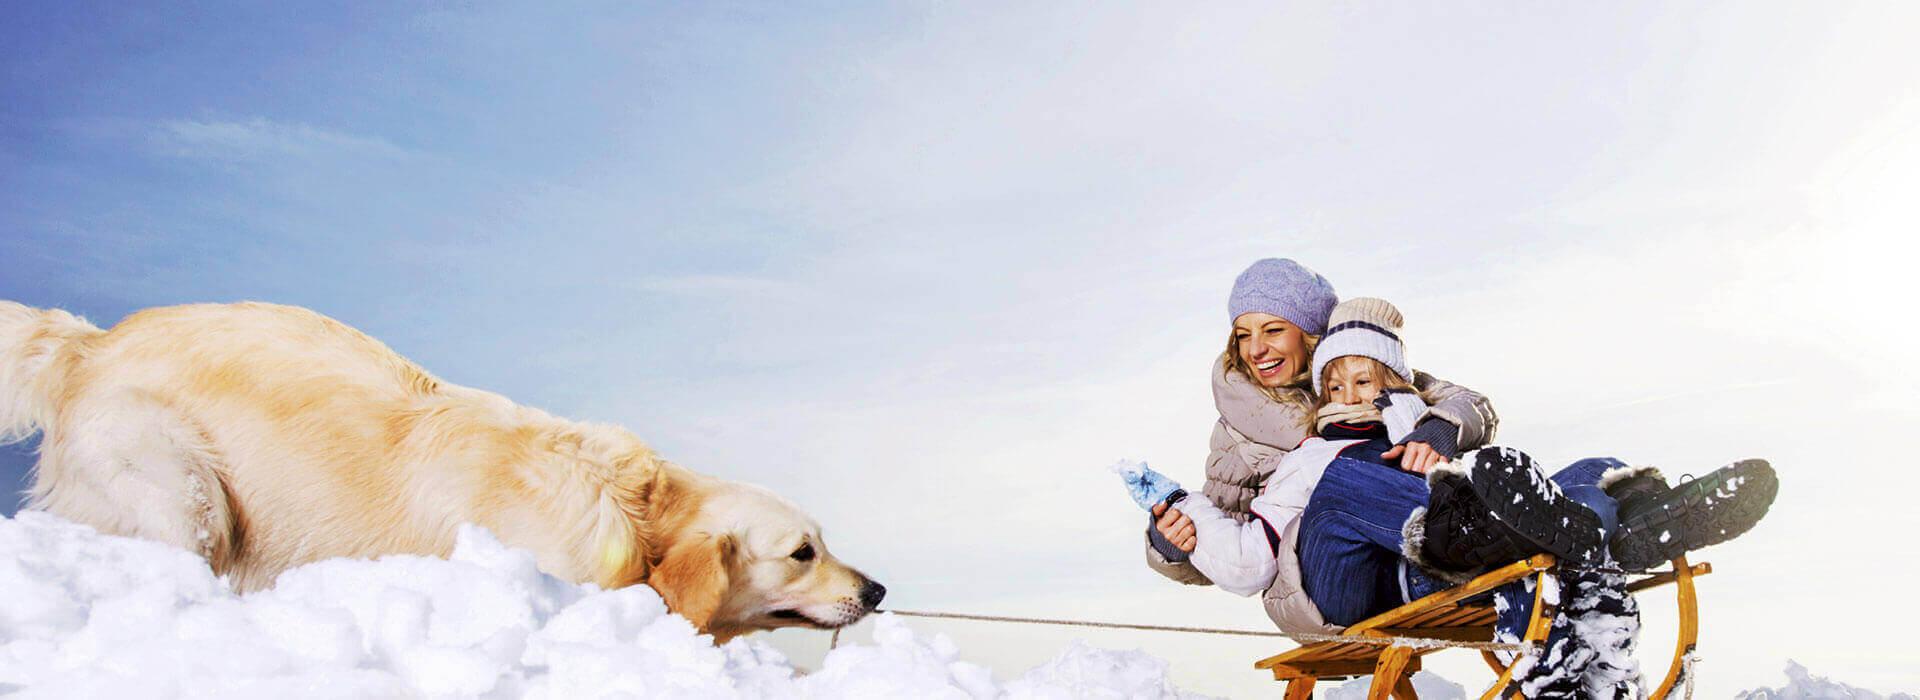 Hotel Binggl in Obertauern - Urlaub mit Hund